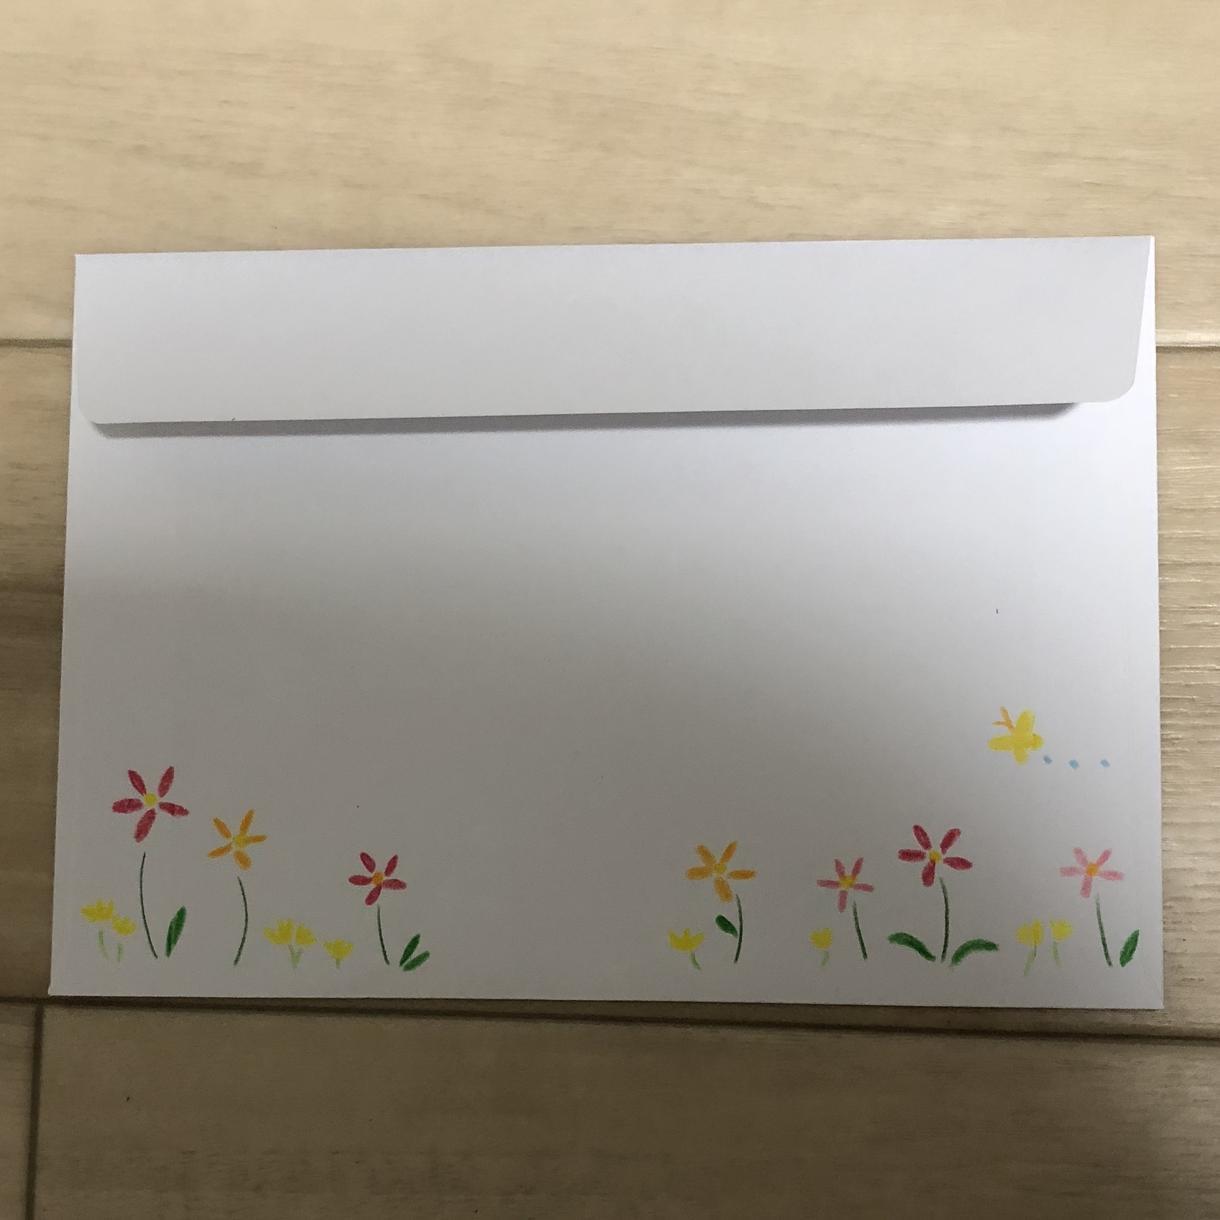 世界に1つの手描きレターセットをデザインします 細かいリクエストやレターセット以外も可能な限り受け付けます!